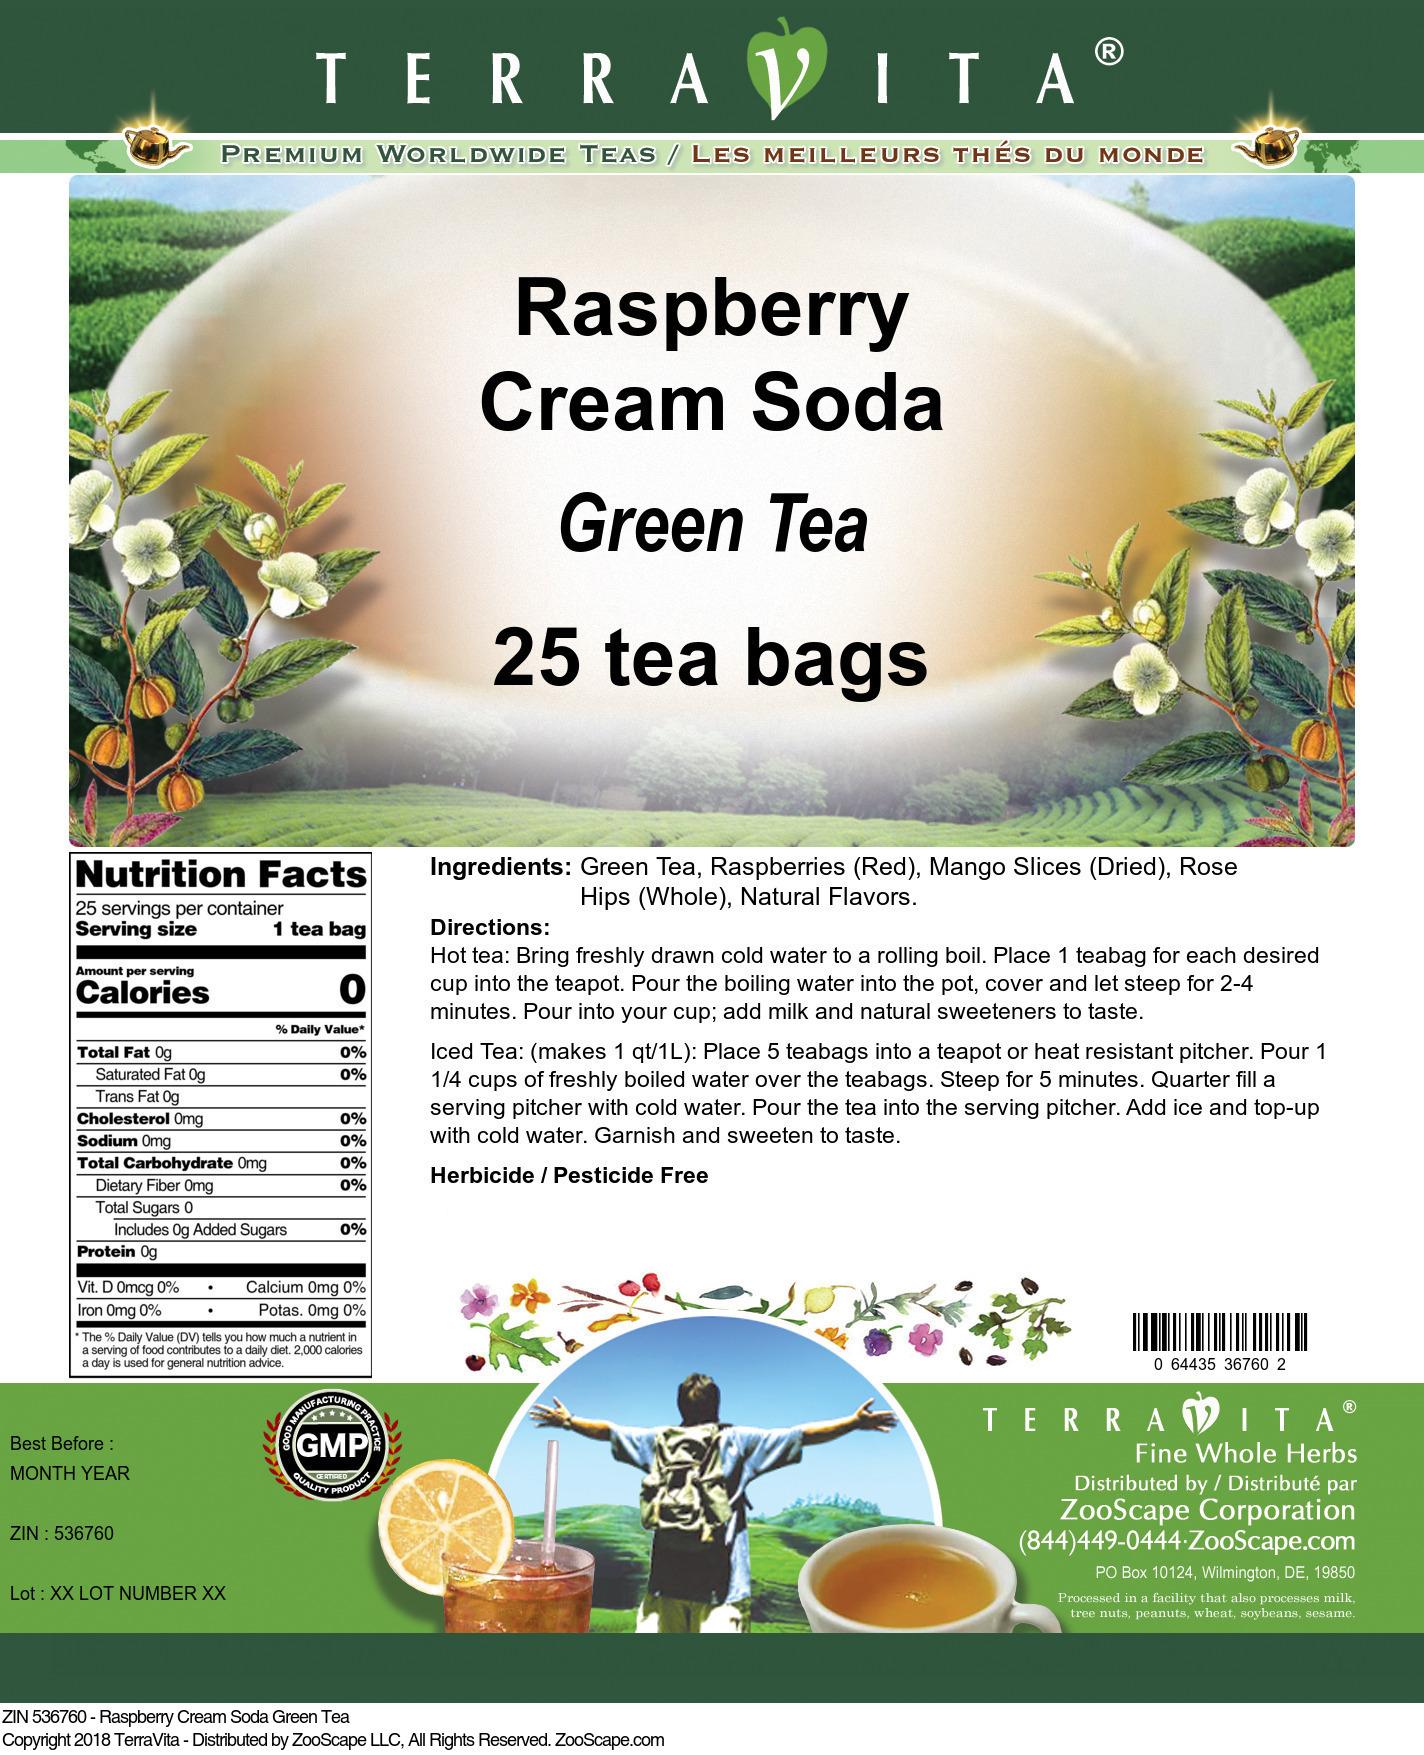 Raspberry Cream Soda Green Tea